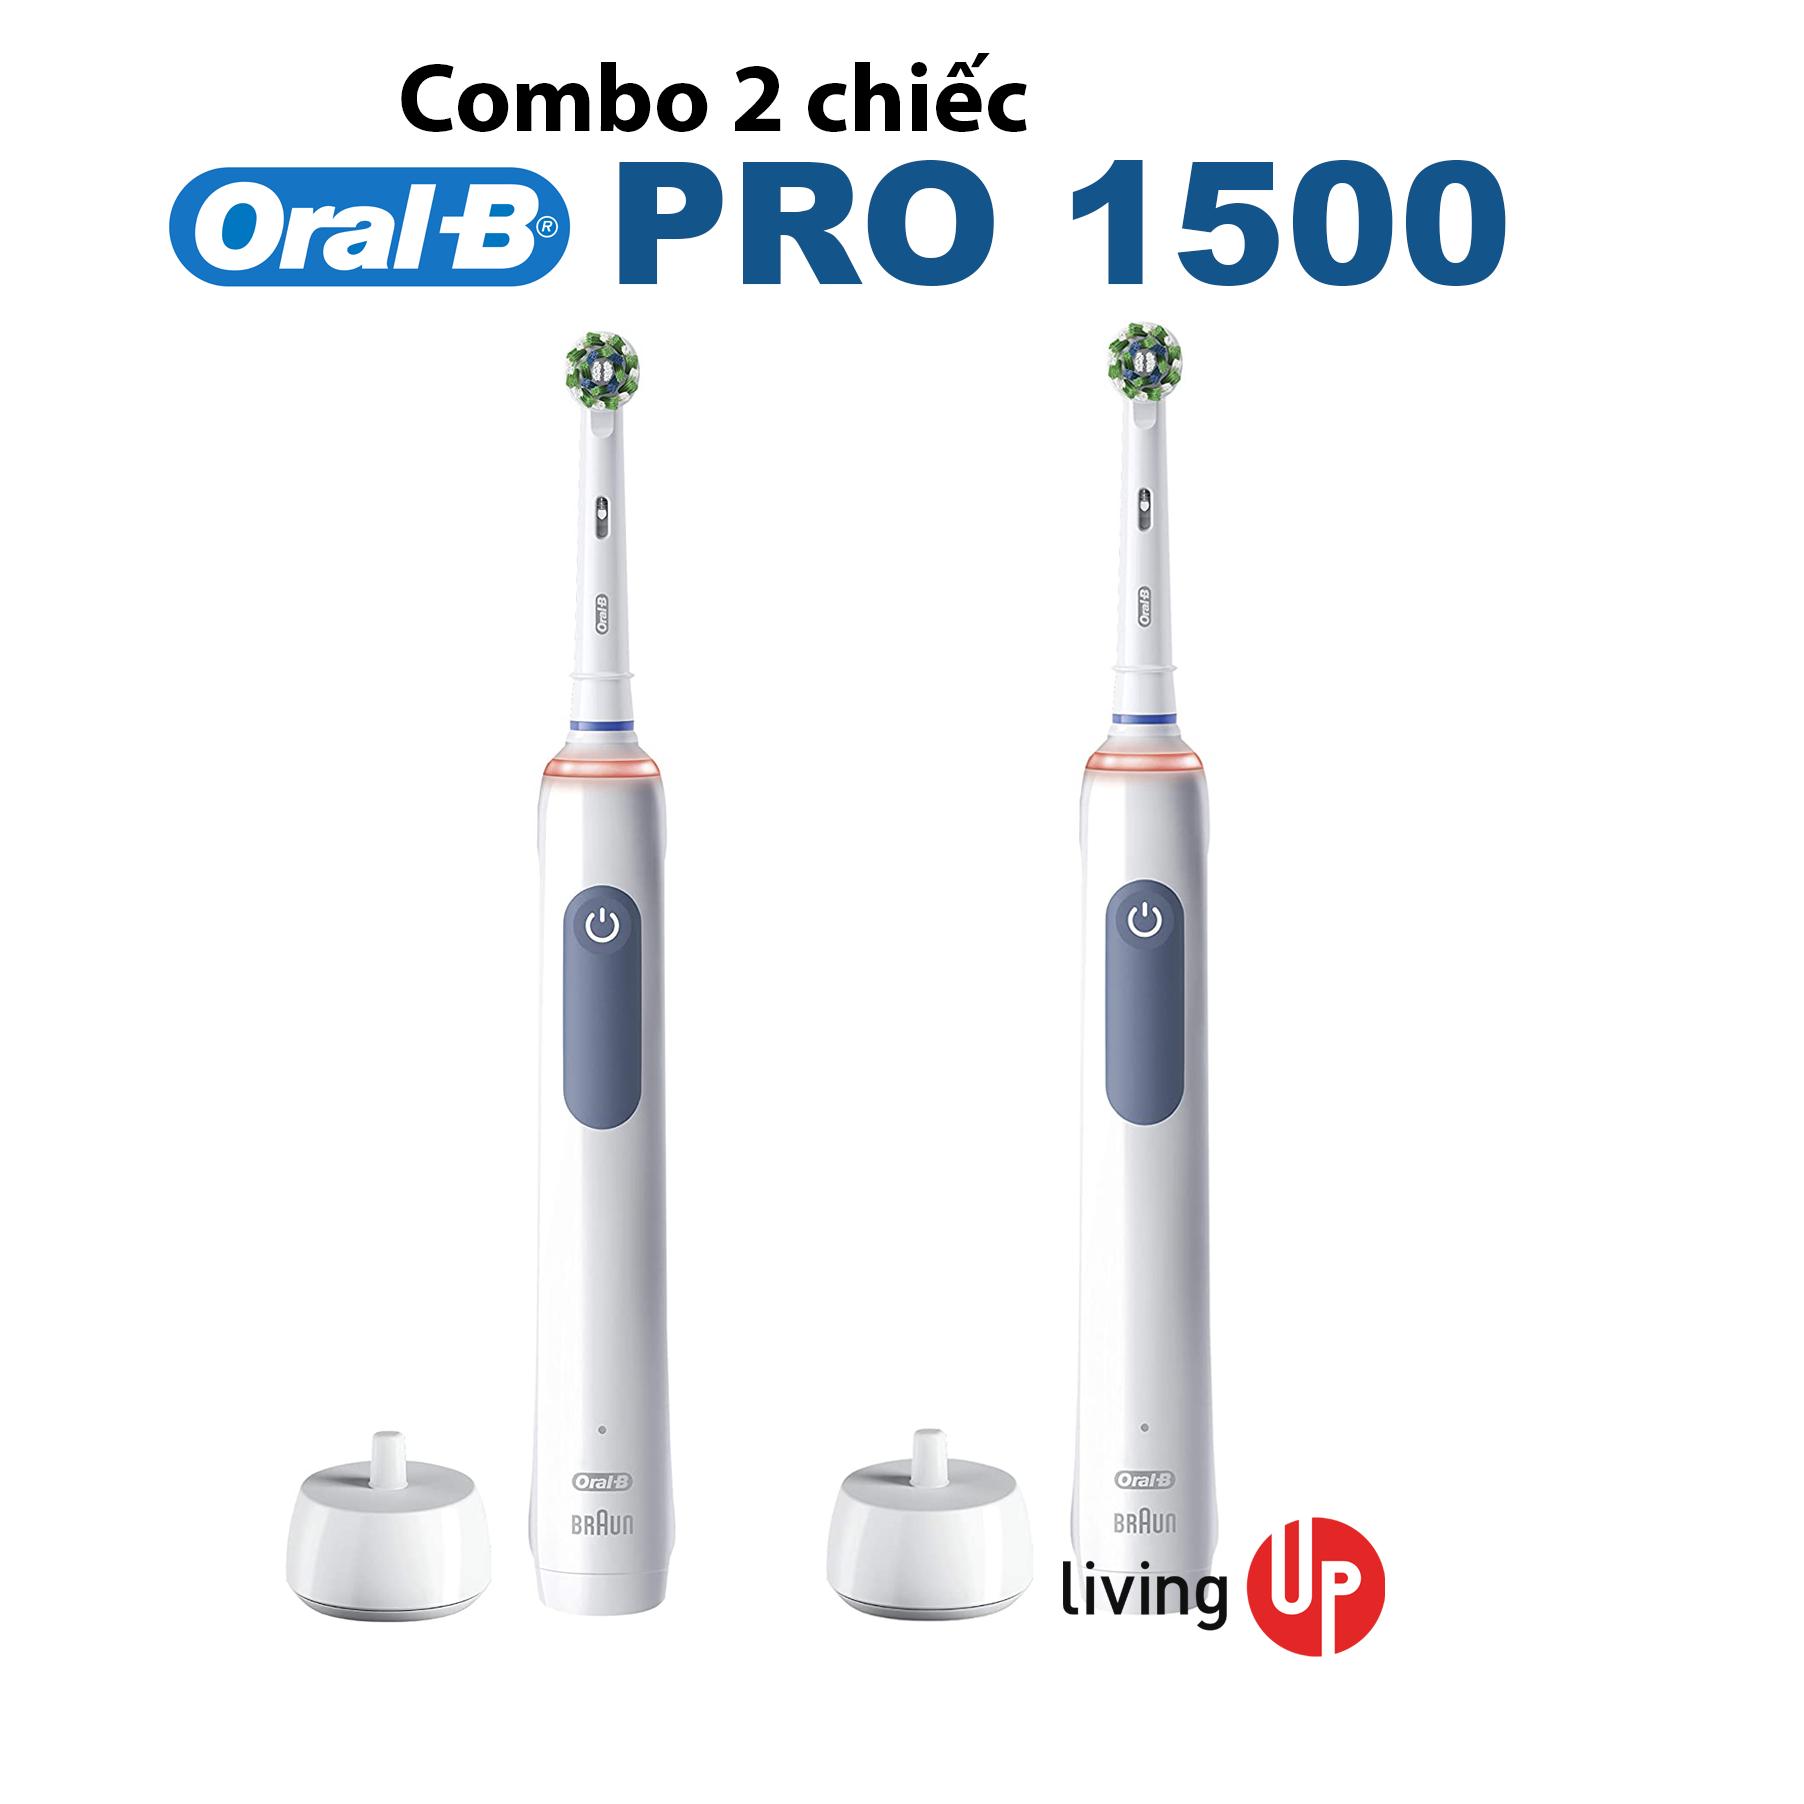 Combo 2 chiếc Oral-B ProAdvantage Smart 1500 (Bản mới 2021) - Thương hiệu: Oral-B